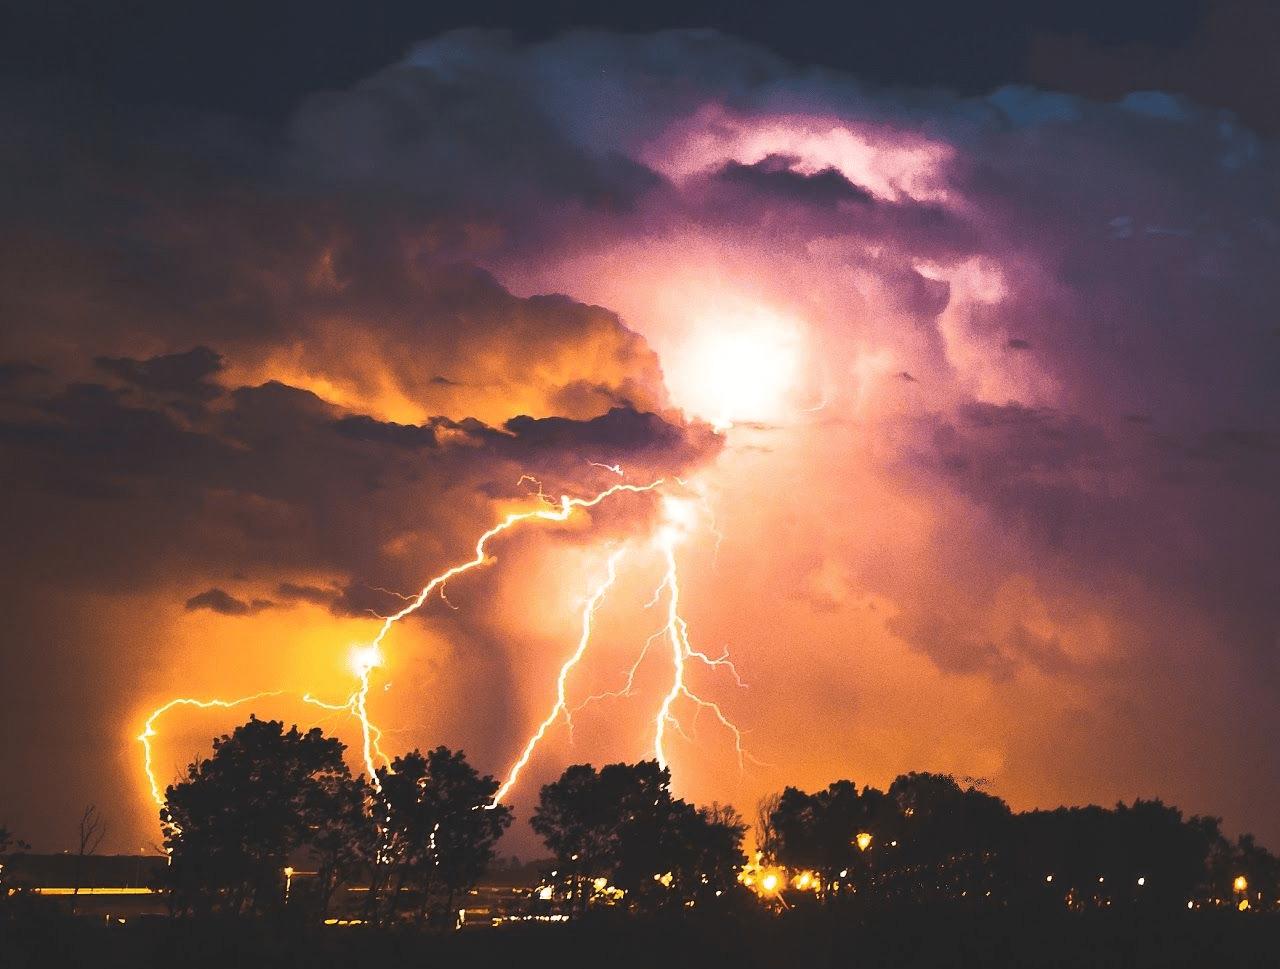 lightning strike over lake at night